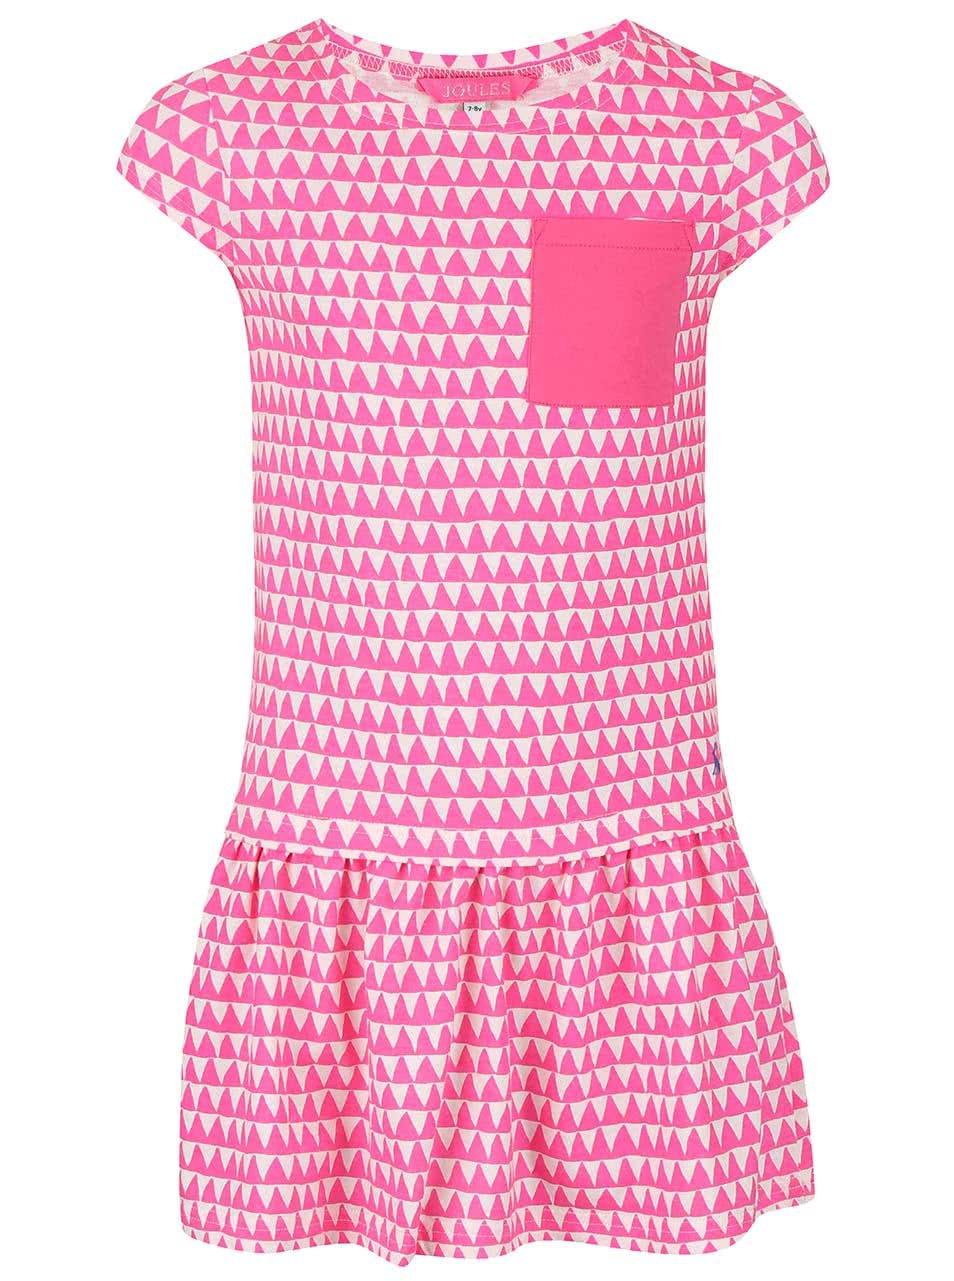 Bílo-růžové holčičí šaty se vzory trojúhelníků Tom Joule